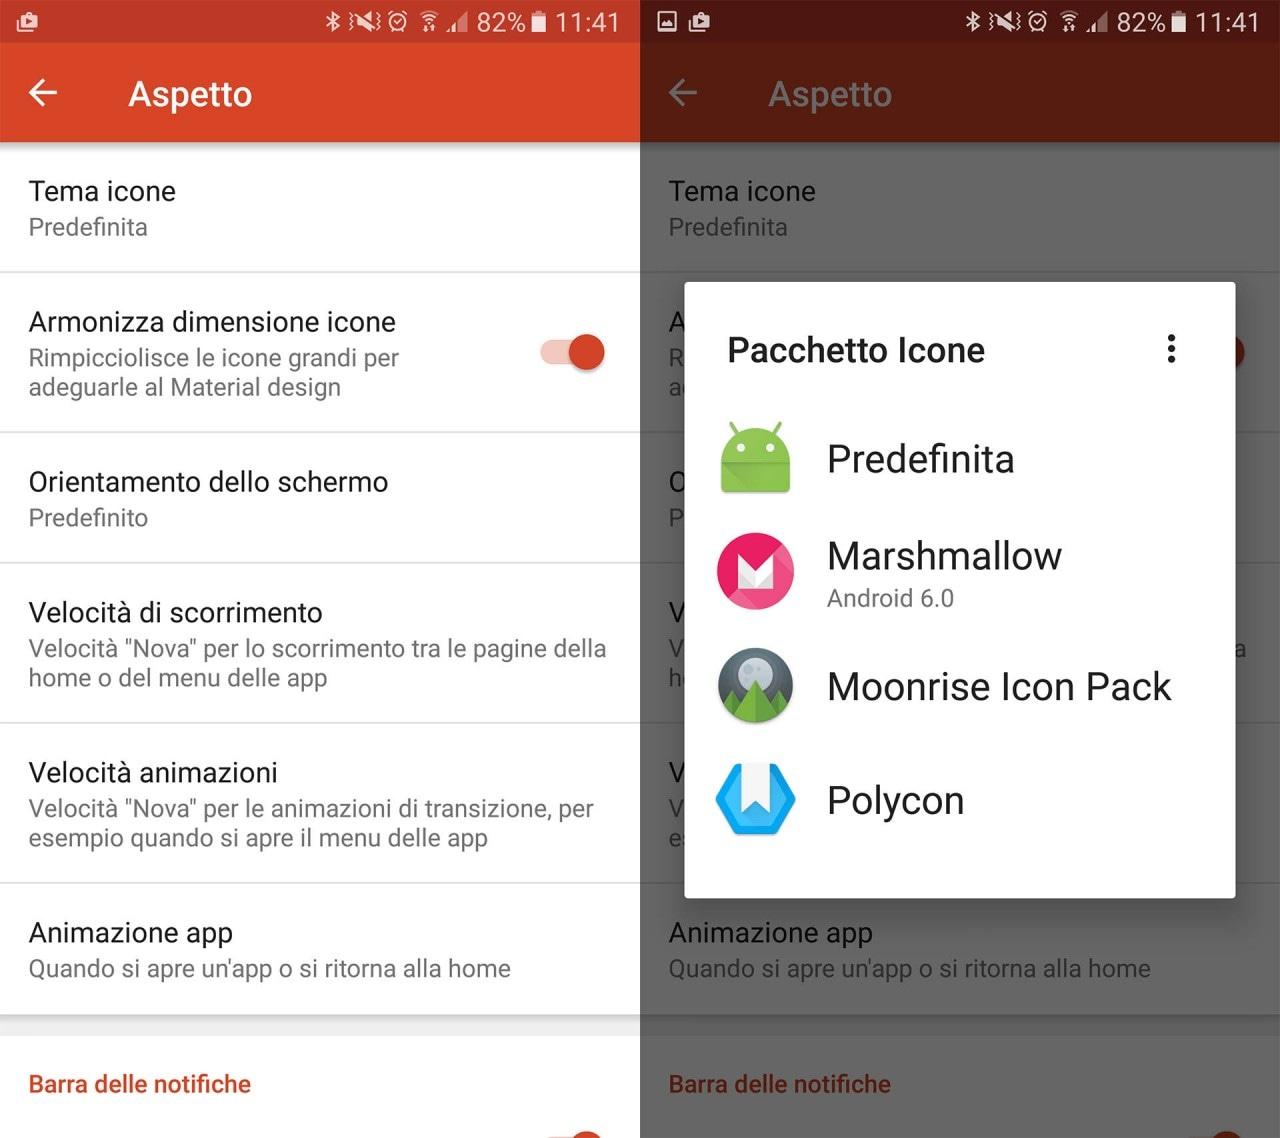 Come Cambiare Icone Android - Dalle impostazioni di Nova Launcher potete trovare la voce Aspetto -> Tema Icone.